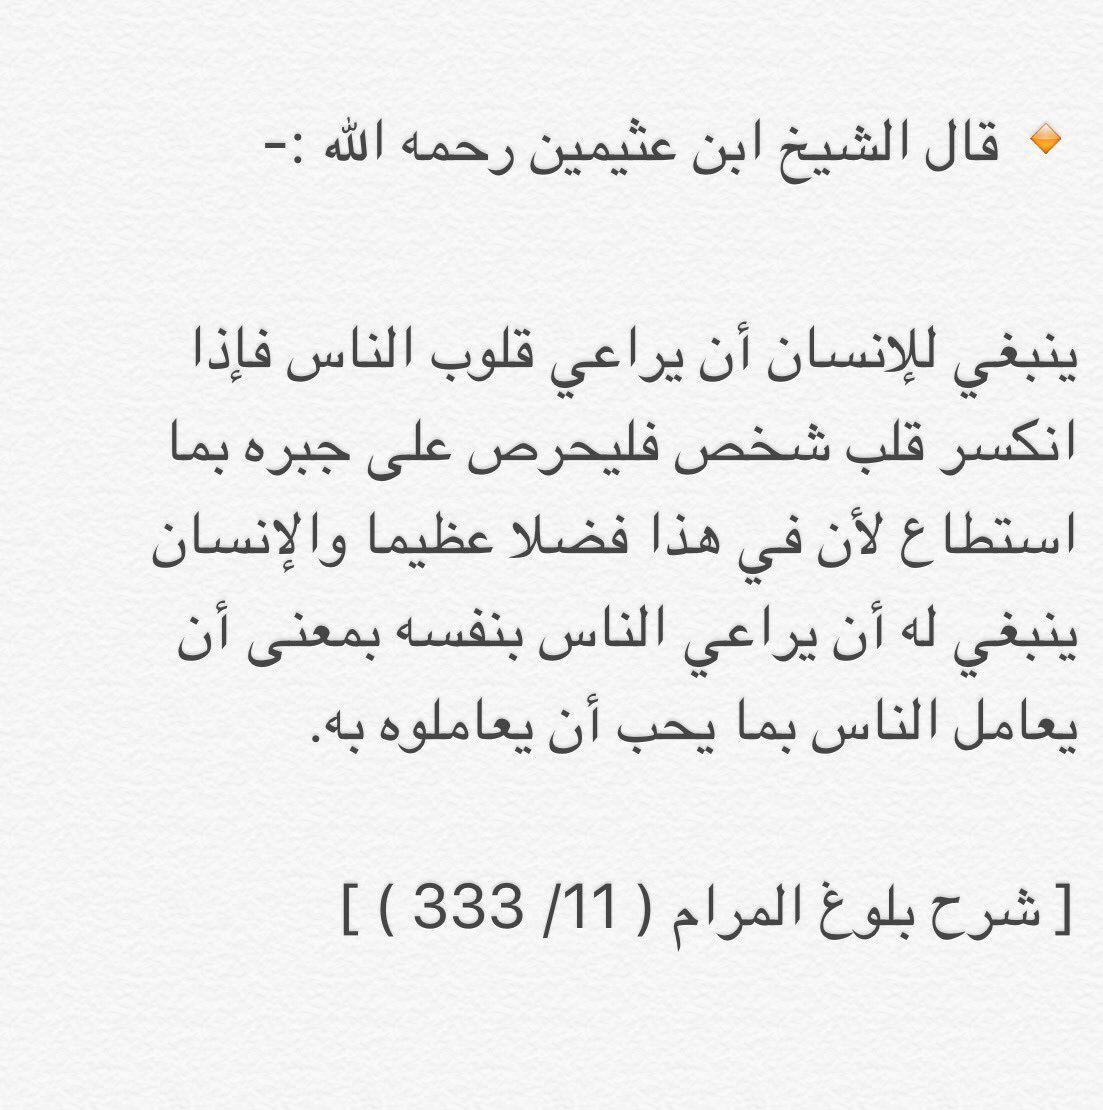 4 تويتر Islamic Quotes Quotes Arabic Quotes